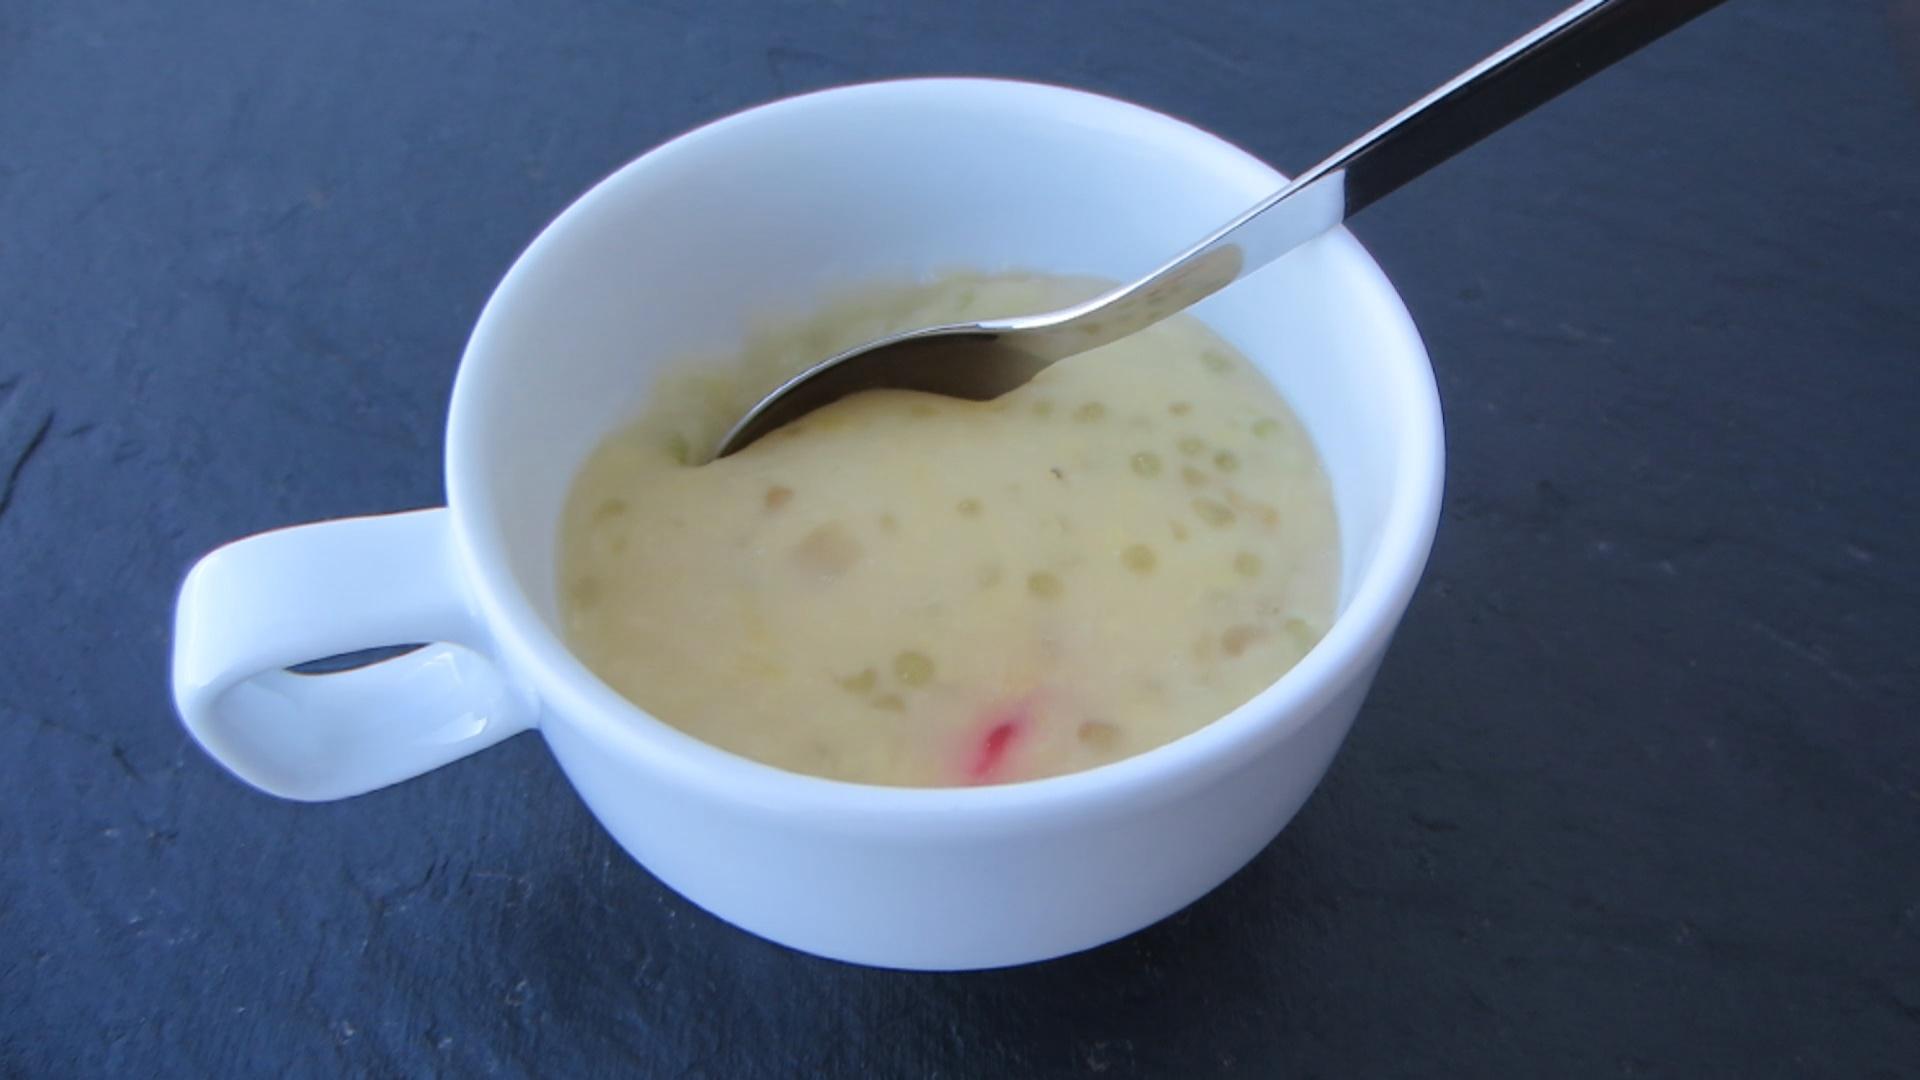 2014-07-11 chè đậu xanh bột khoai - Süße Mungbohnen Suppe mit geschreddertem Tapioka und Tapiokakugeln (34).jpg